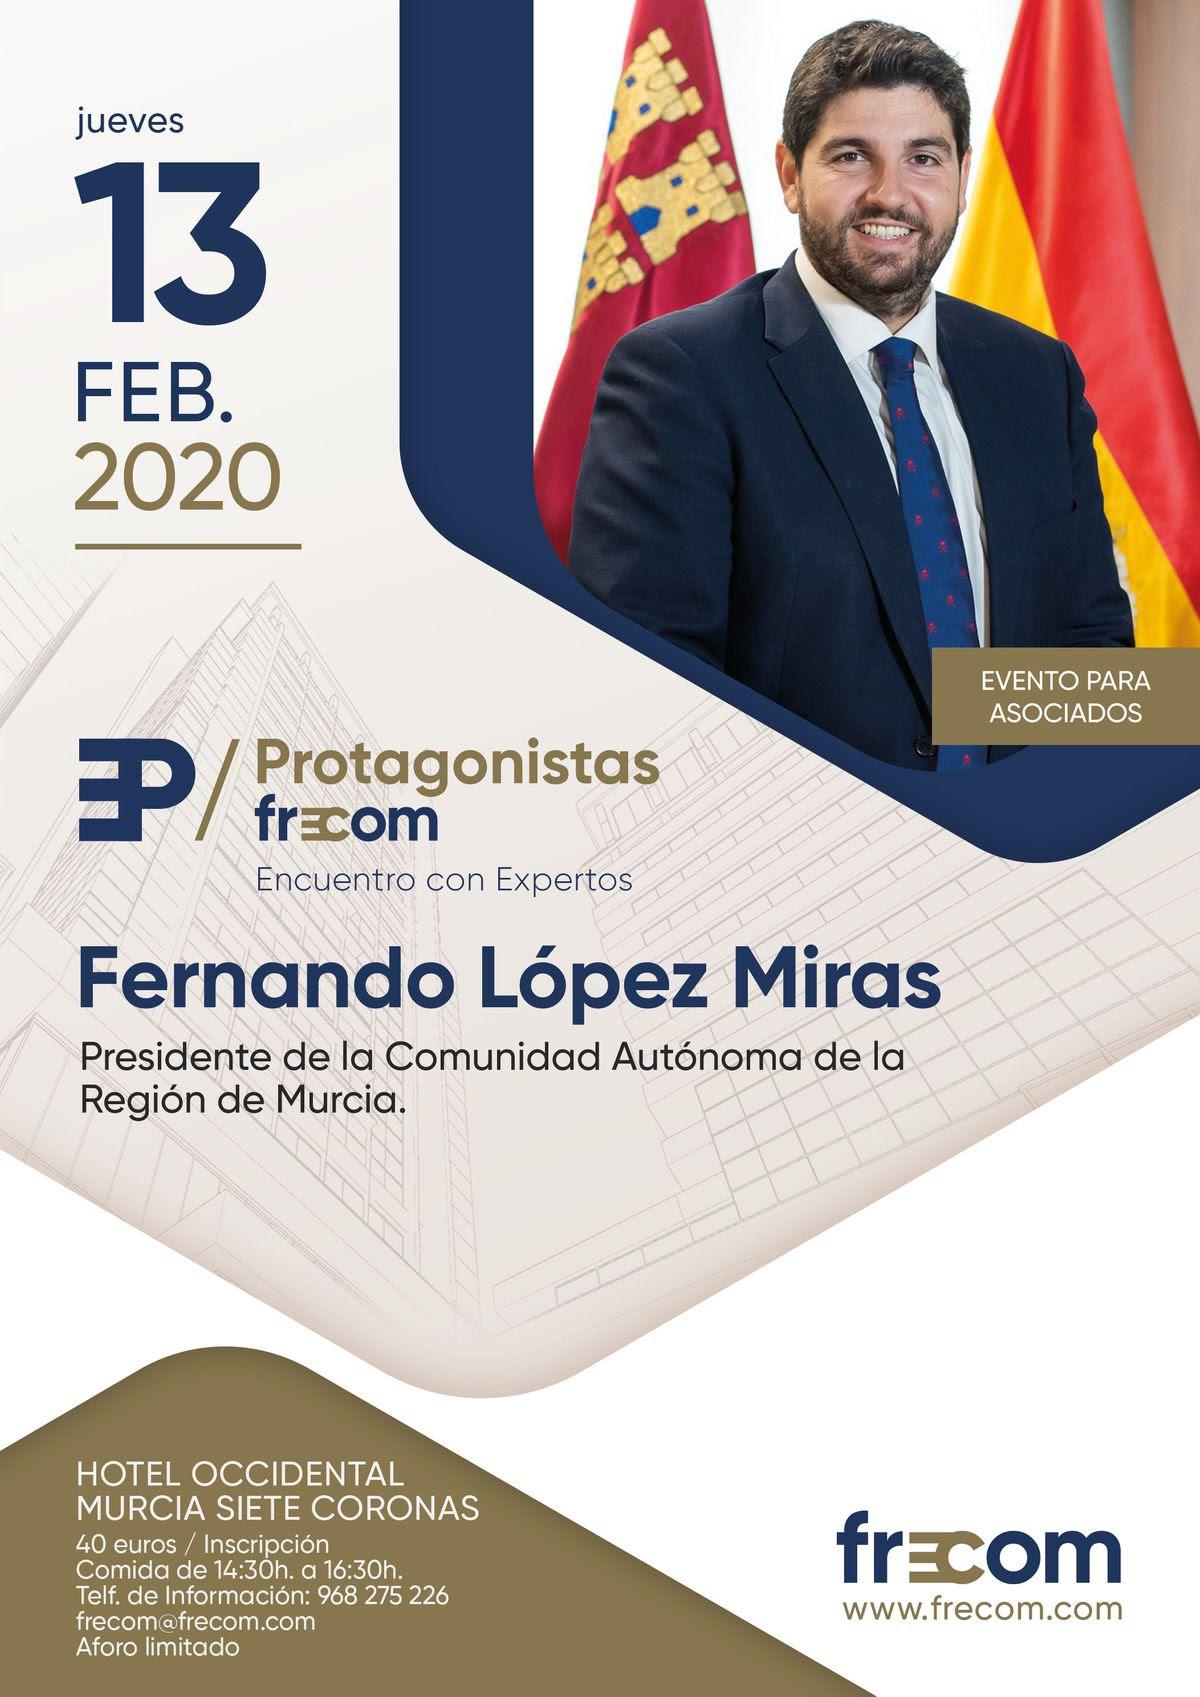 El presidente de la Comunidad Autónoma, Fernando López Miras, próximo 'Protagonistas FRECOM' 2 FRECOM